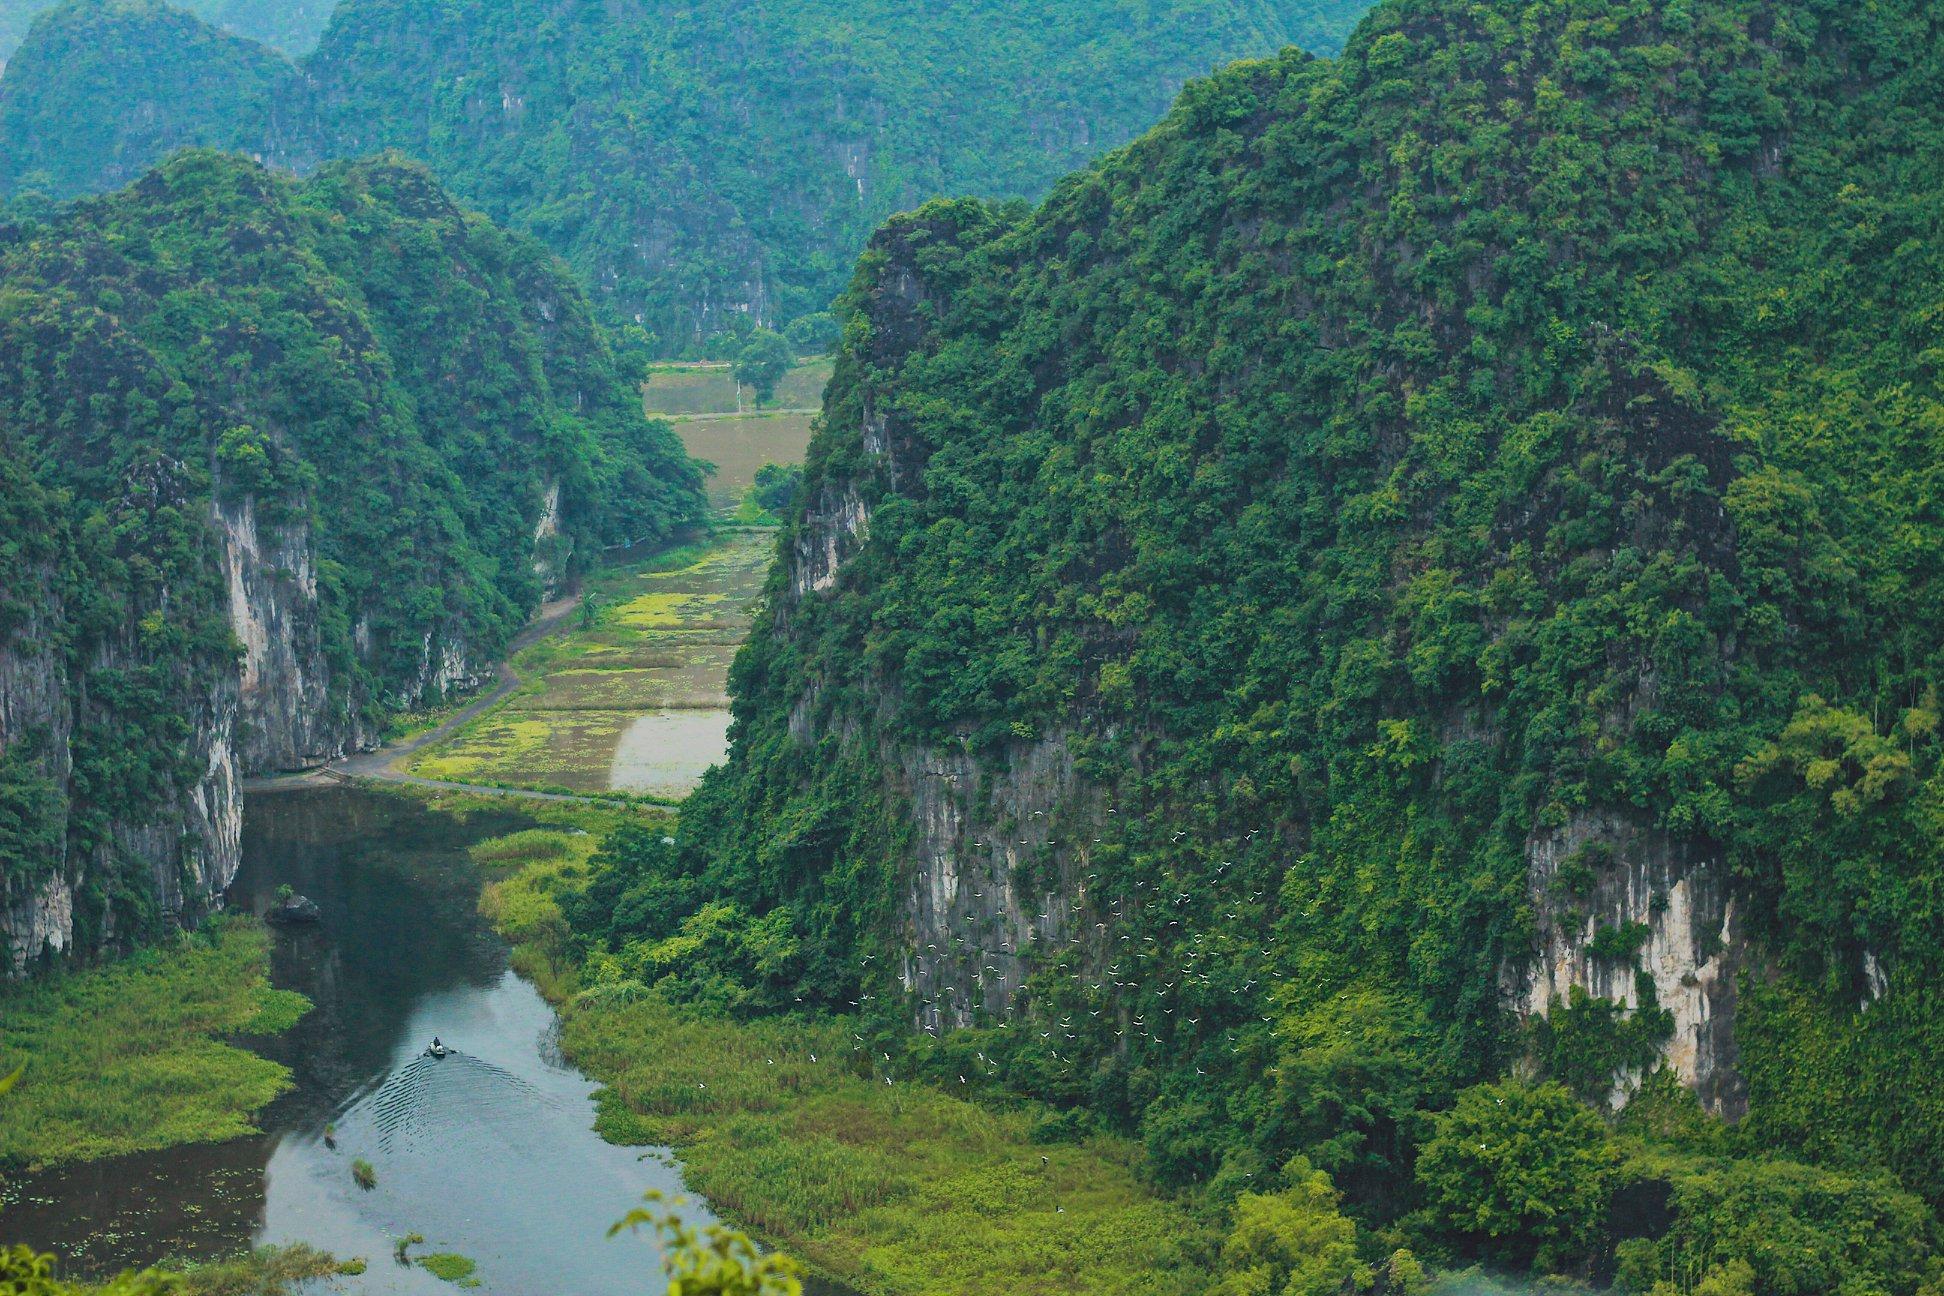 Ngắm hang Múa, Ninh Bình: Tuyệt đẹp trong sắc Thu - Ảnh 7